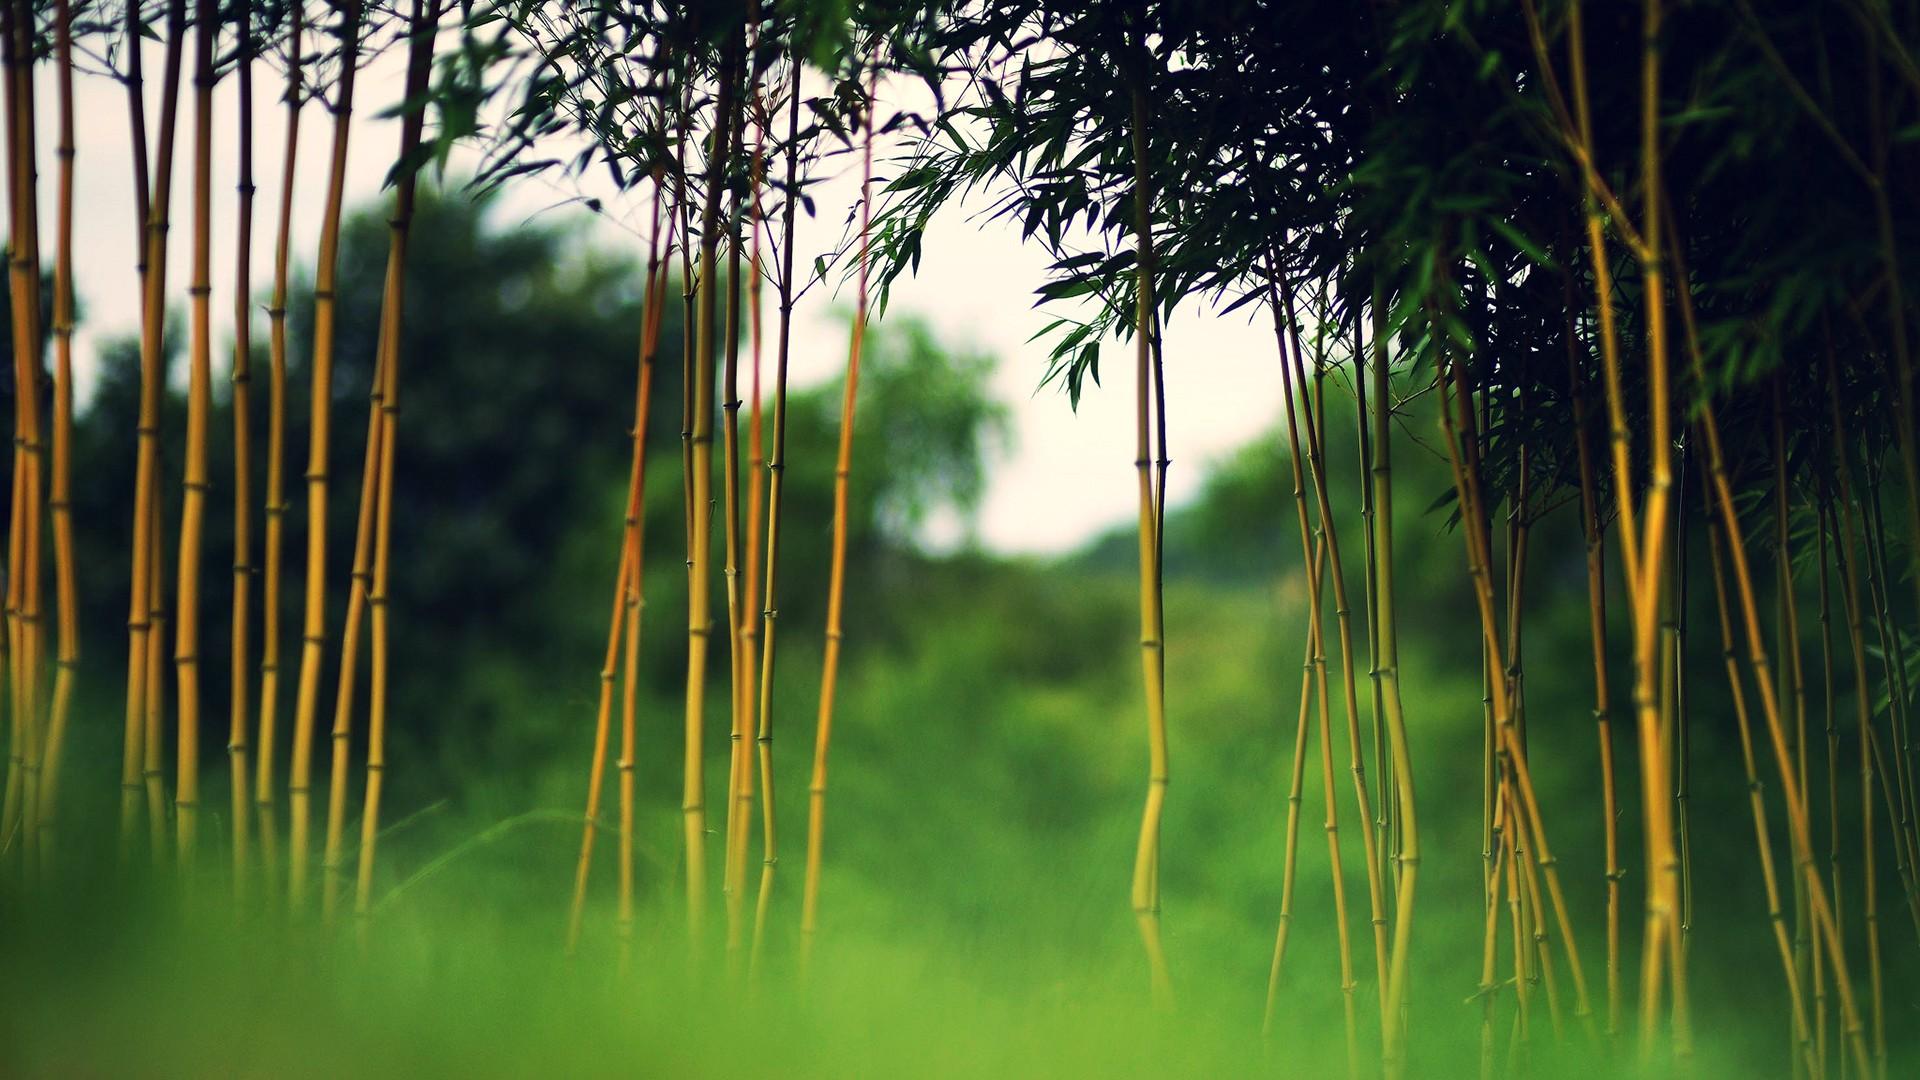 Fall Wallpaper Japan Bamboo Forest Hd Wallpaper Pixelstalk Net